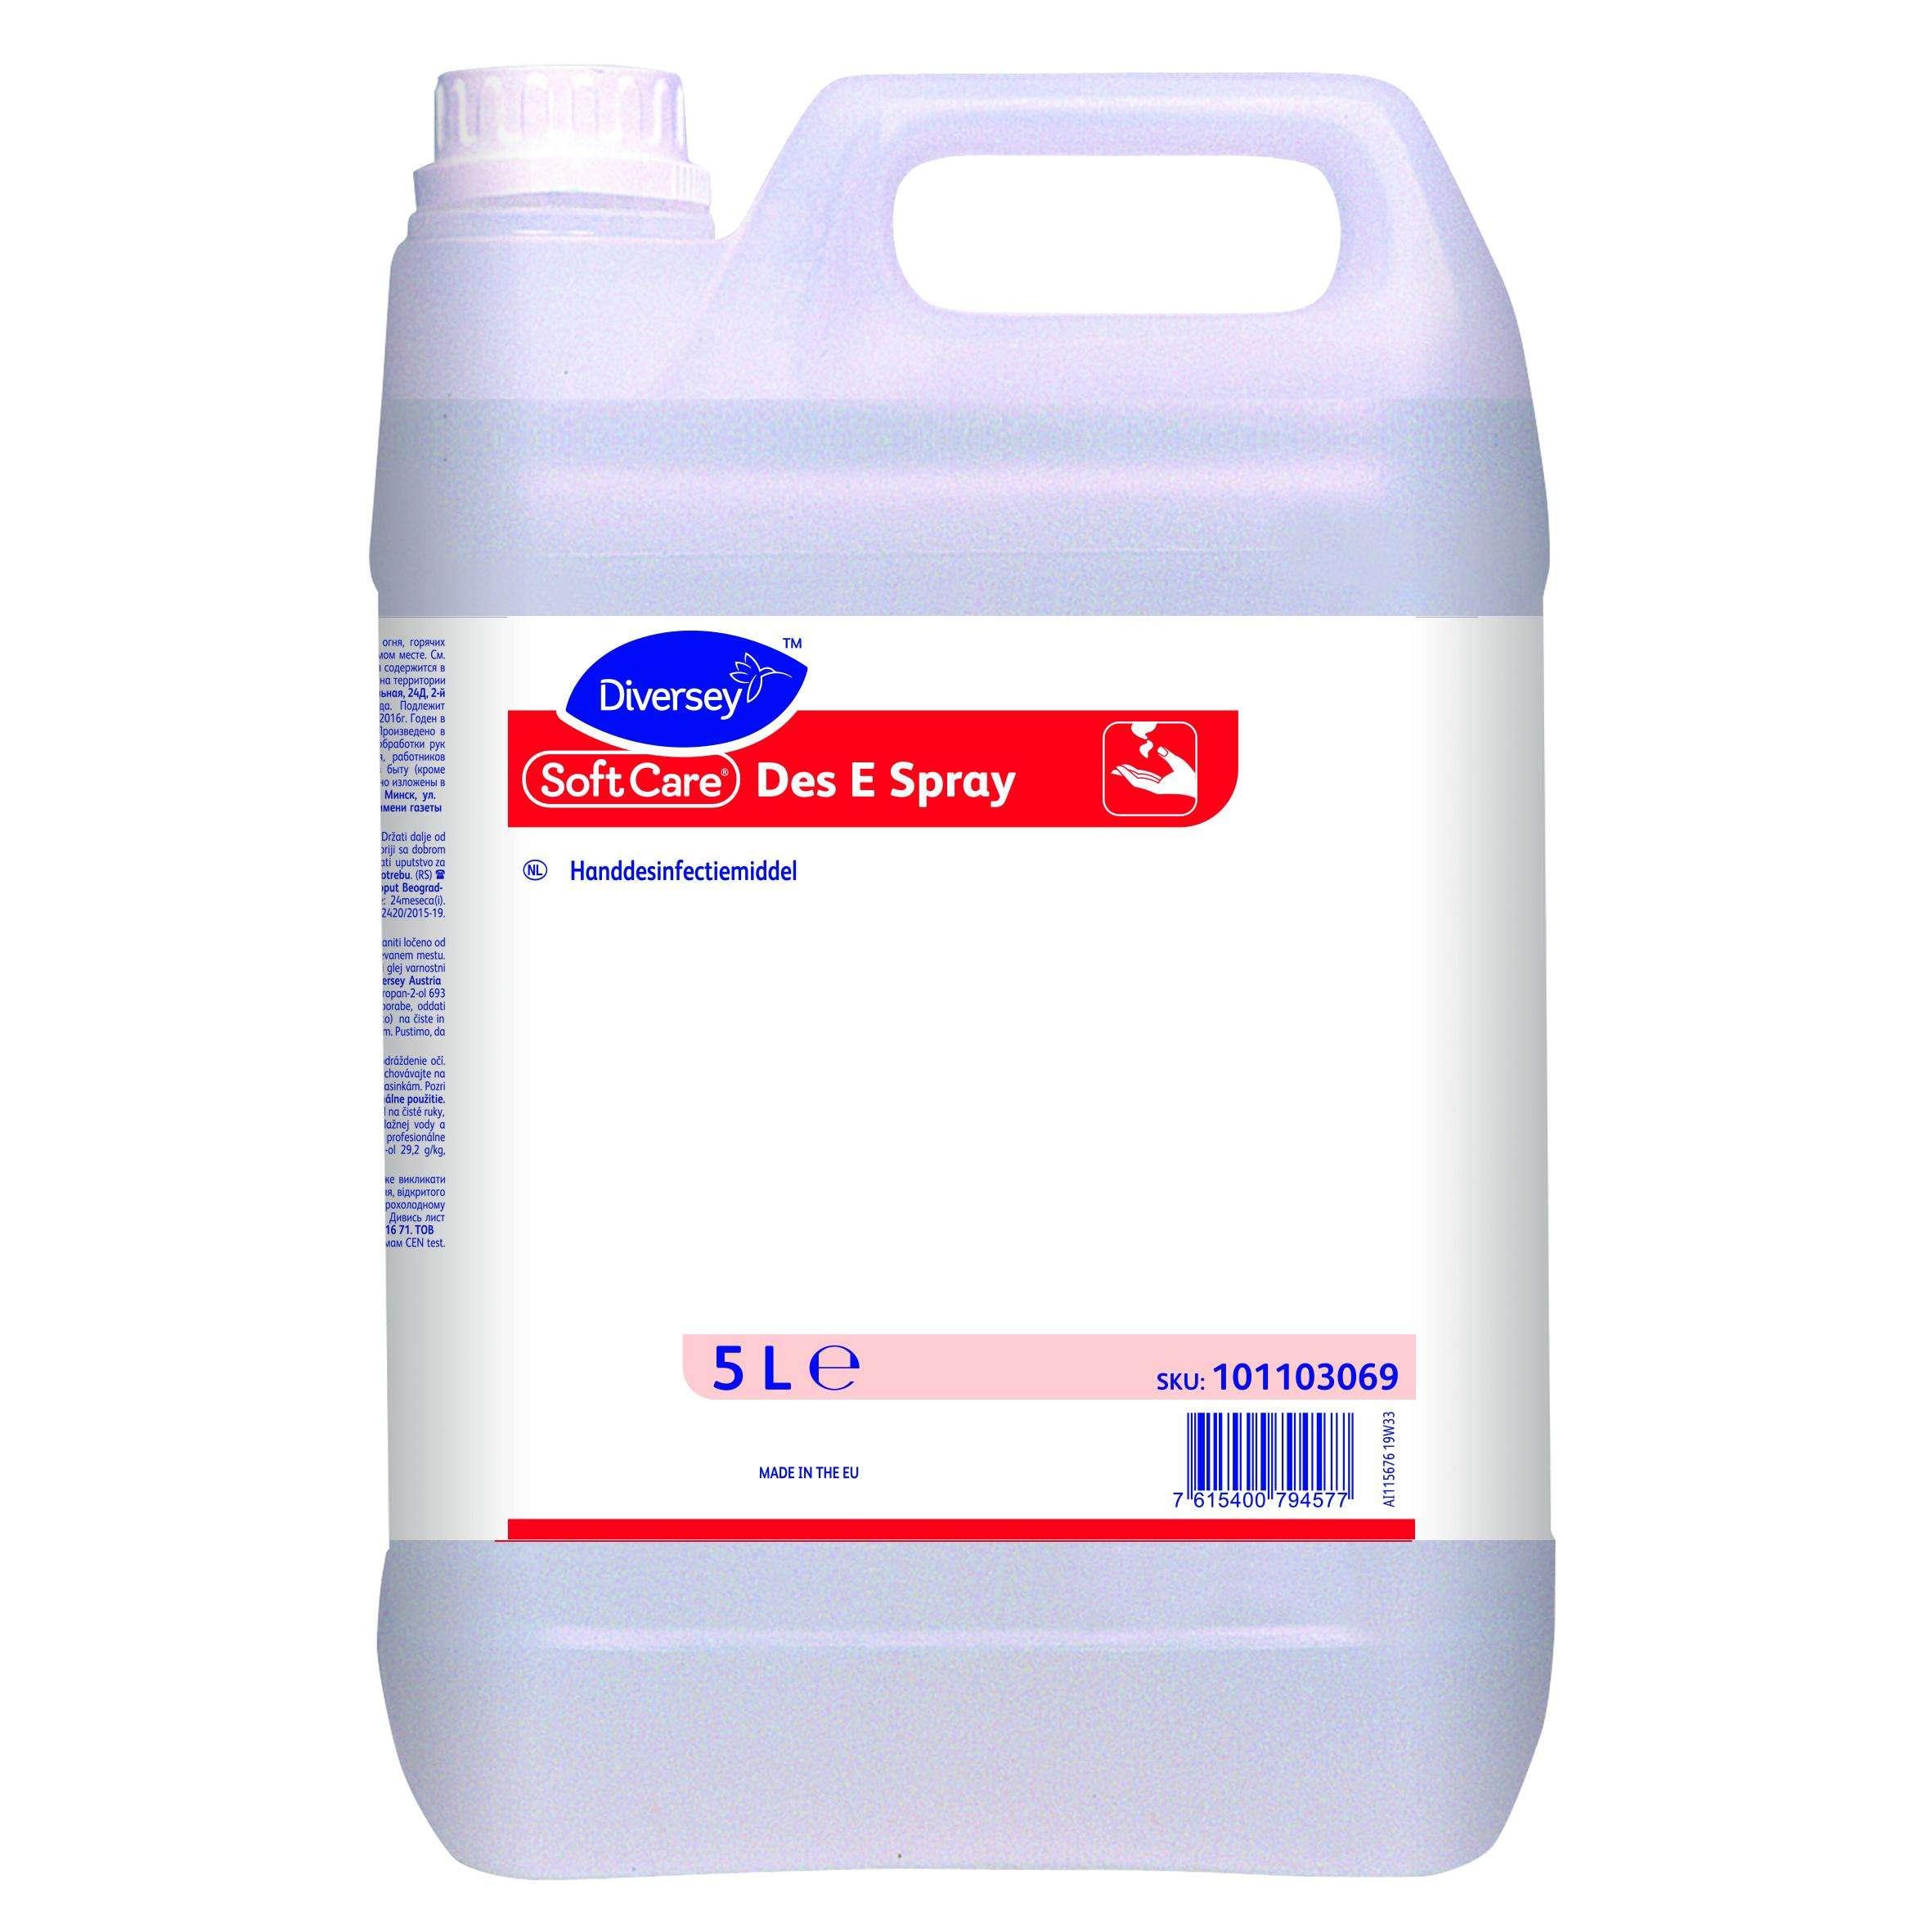 101103069-Soft-Care-Des-E-Spray-2x5L-NL-CMYK-20x20cm.jpg